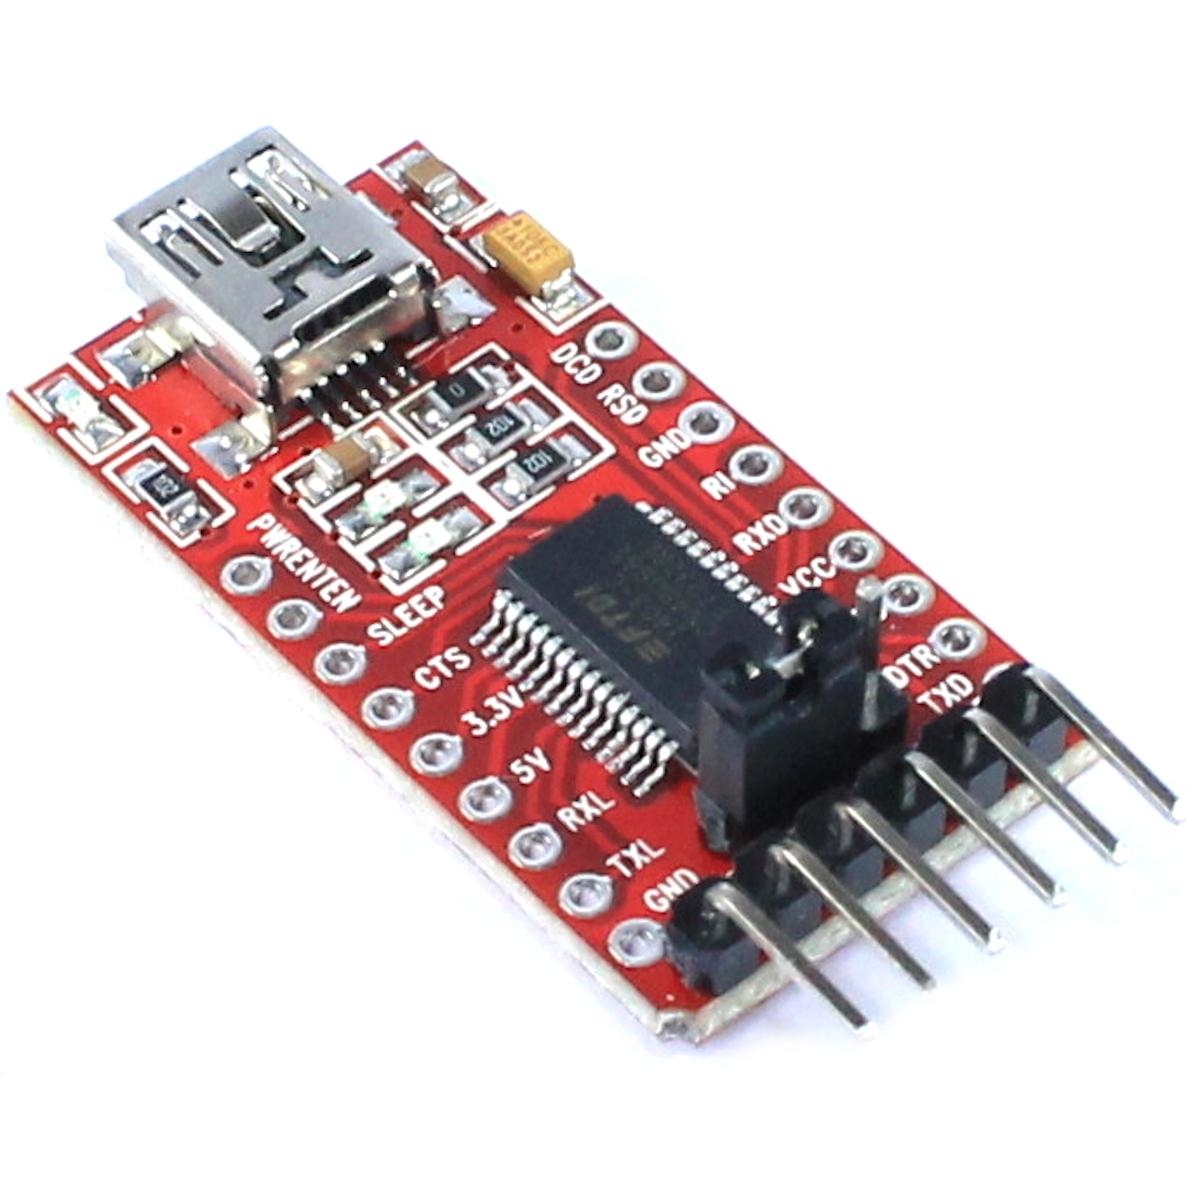 Serial adapter module ft ftdi usb ttl arduino pro mini